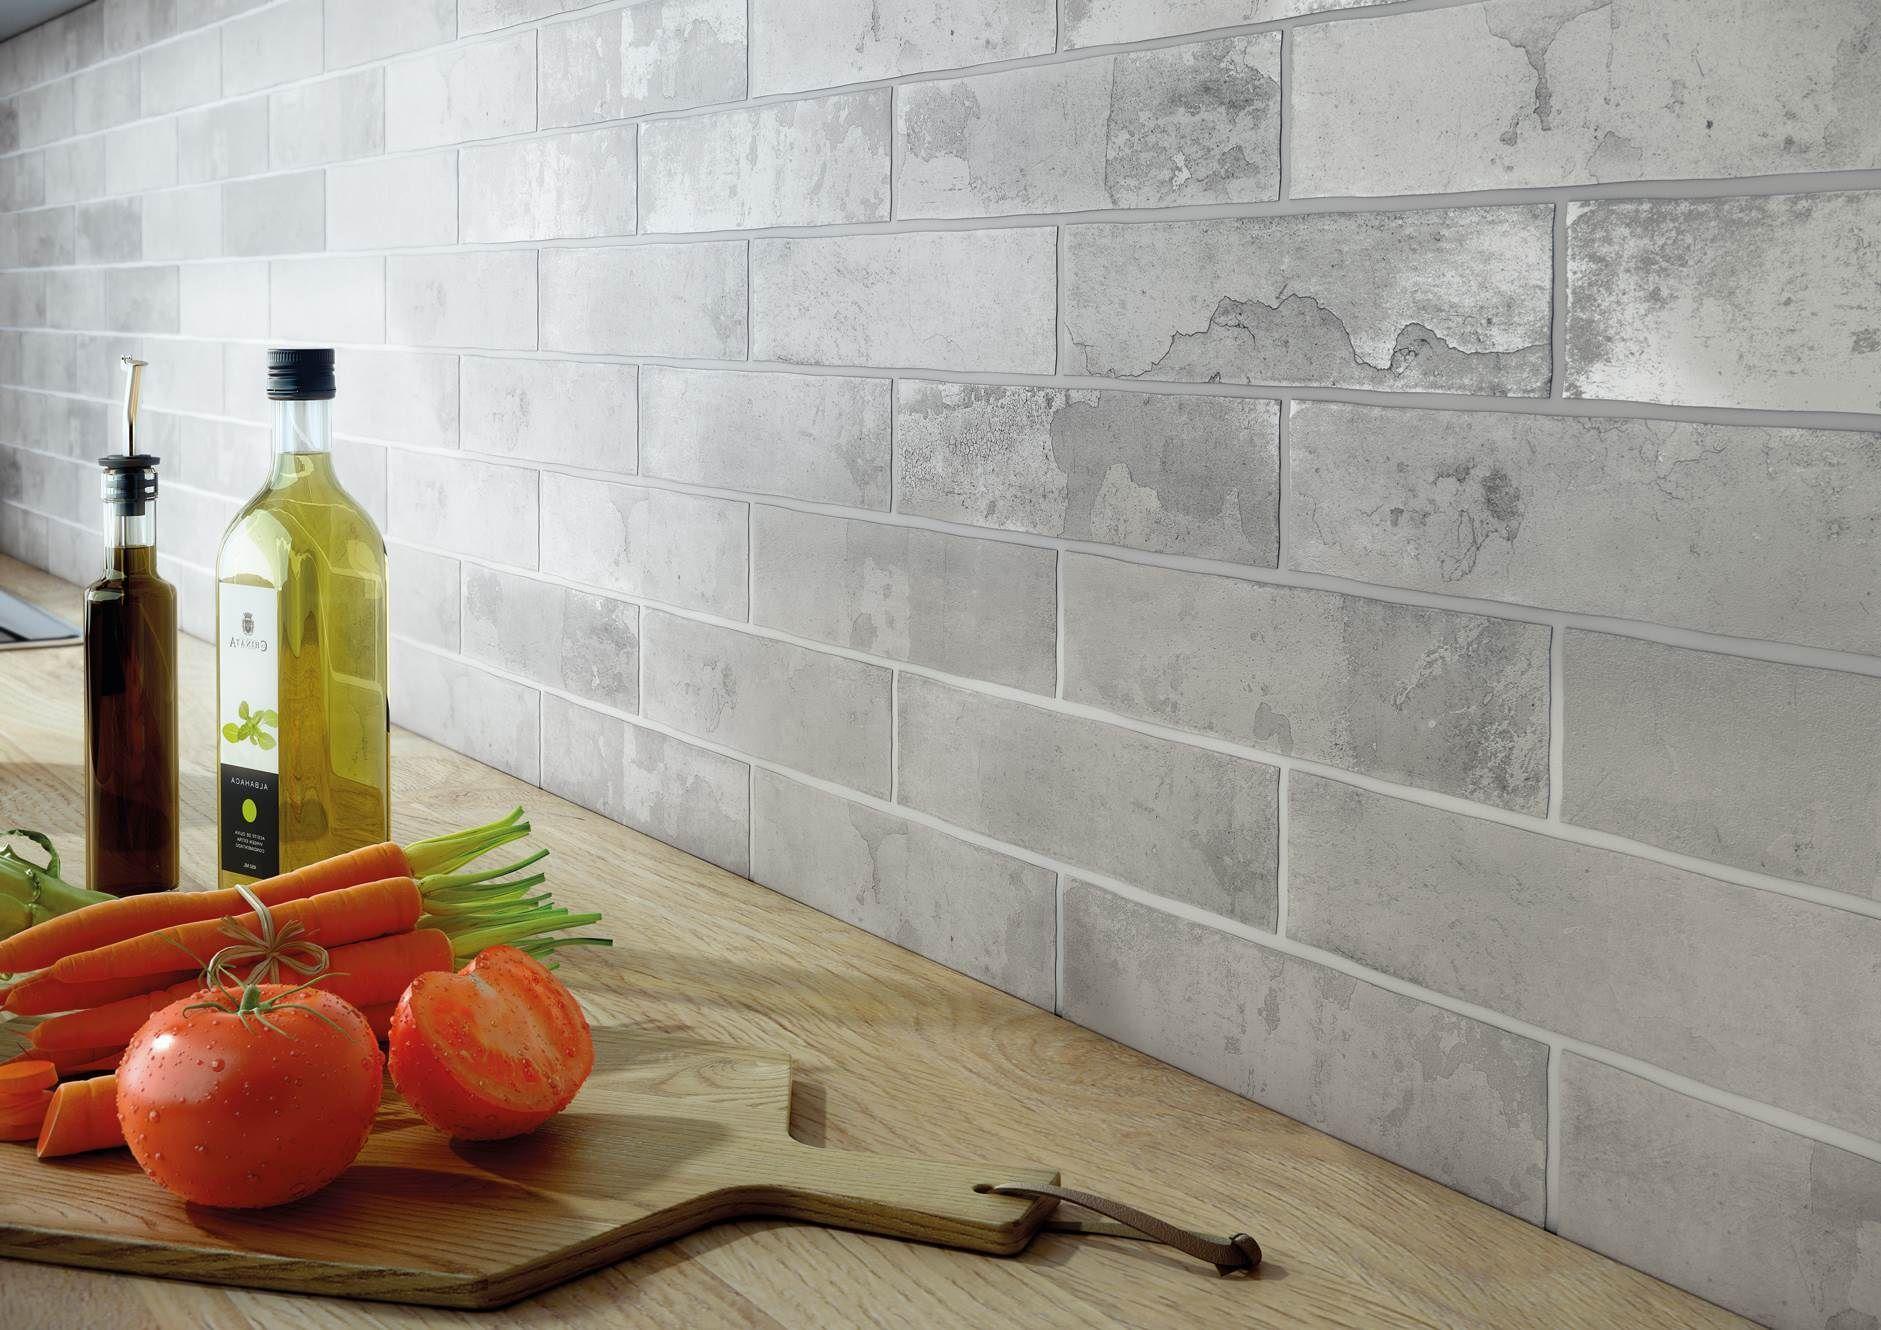 Revestimiento para las paredes de la cocina ideatuhogar para la cocina pinterest - Revestimiento pared cocina ...